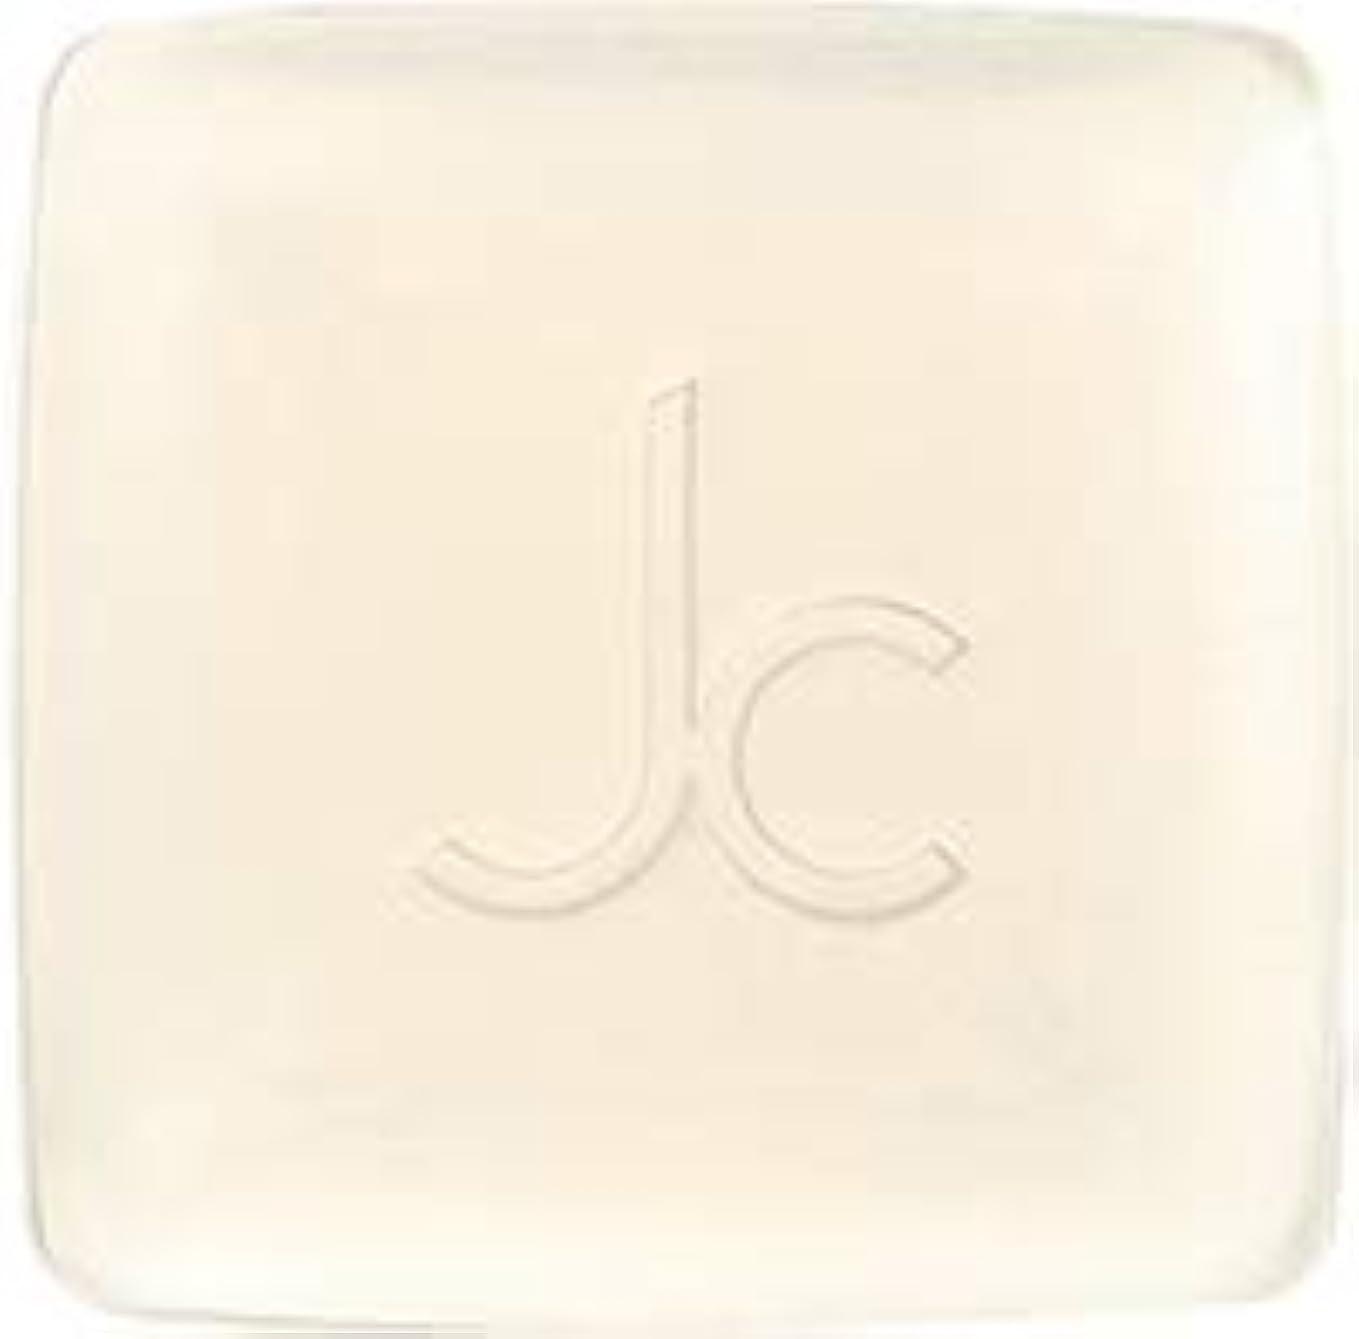 痛い結核思い出すJC ピールシャボン 100g